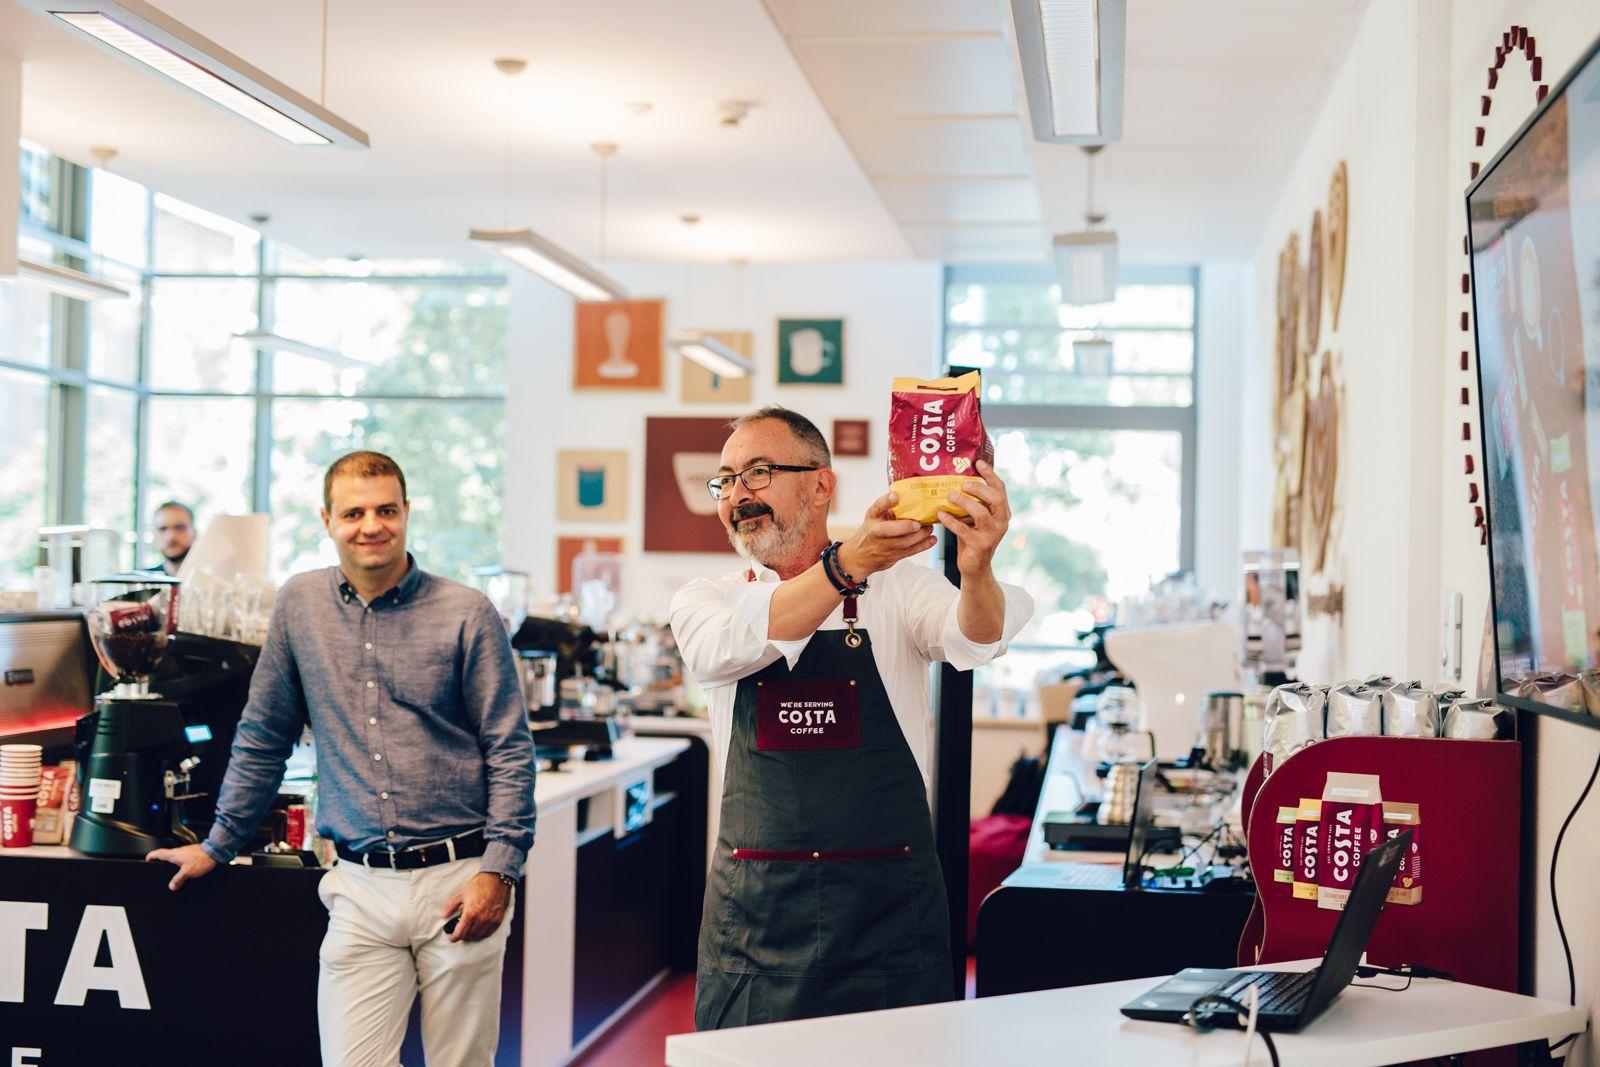 Gávris Iván a magasba emelve mutatja a COSTA szemes kávéját, Vajda Mártonnal mögötte.